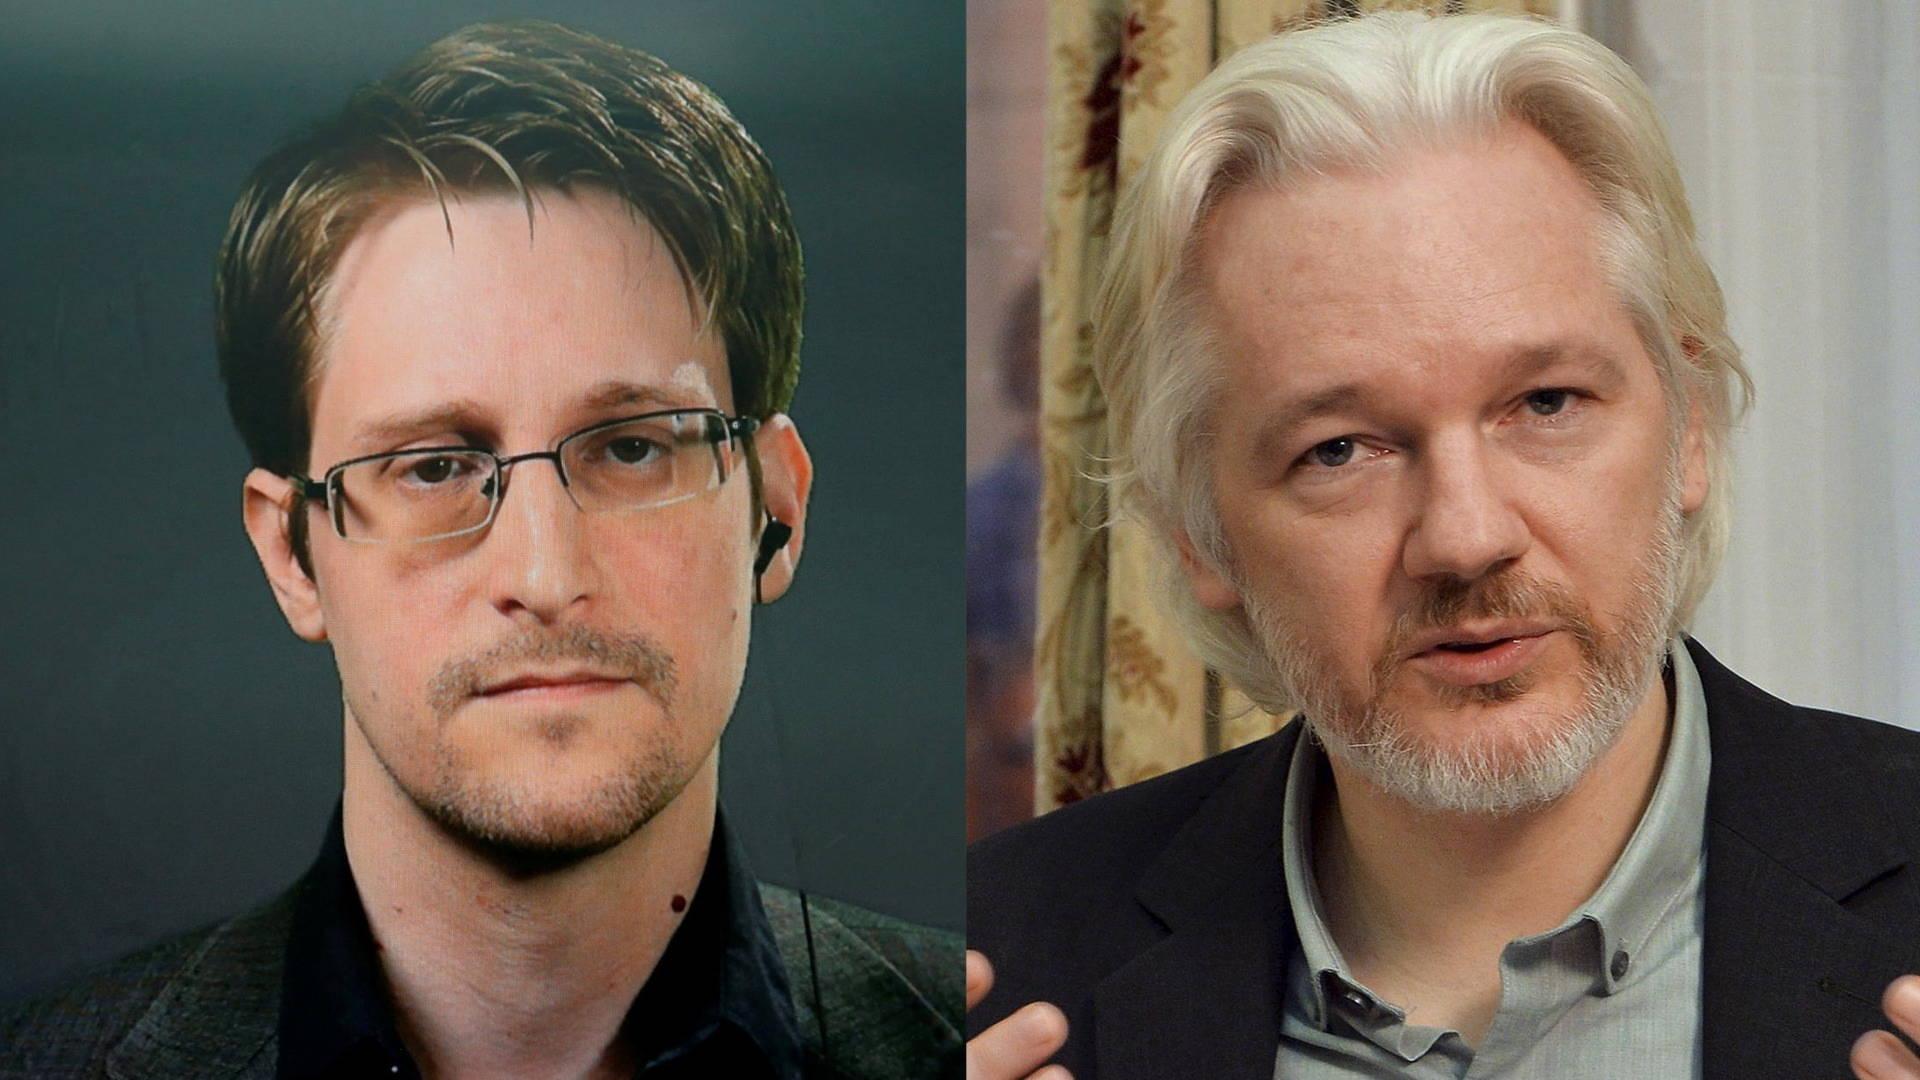 http://45eq7vmb9bj1ratu11zv1p19.wpengine.netdna-cdn.com/wp-content/uploads/2017/05/assange-snowden.jpg